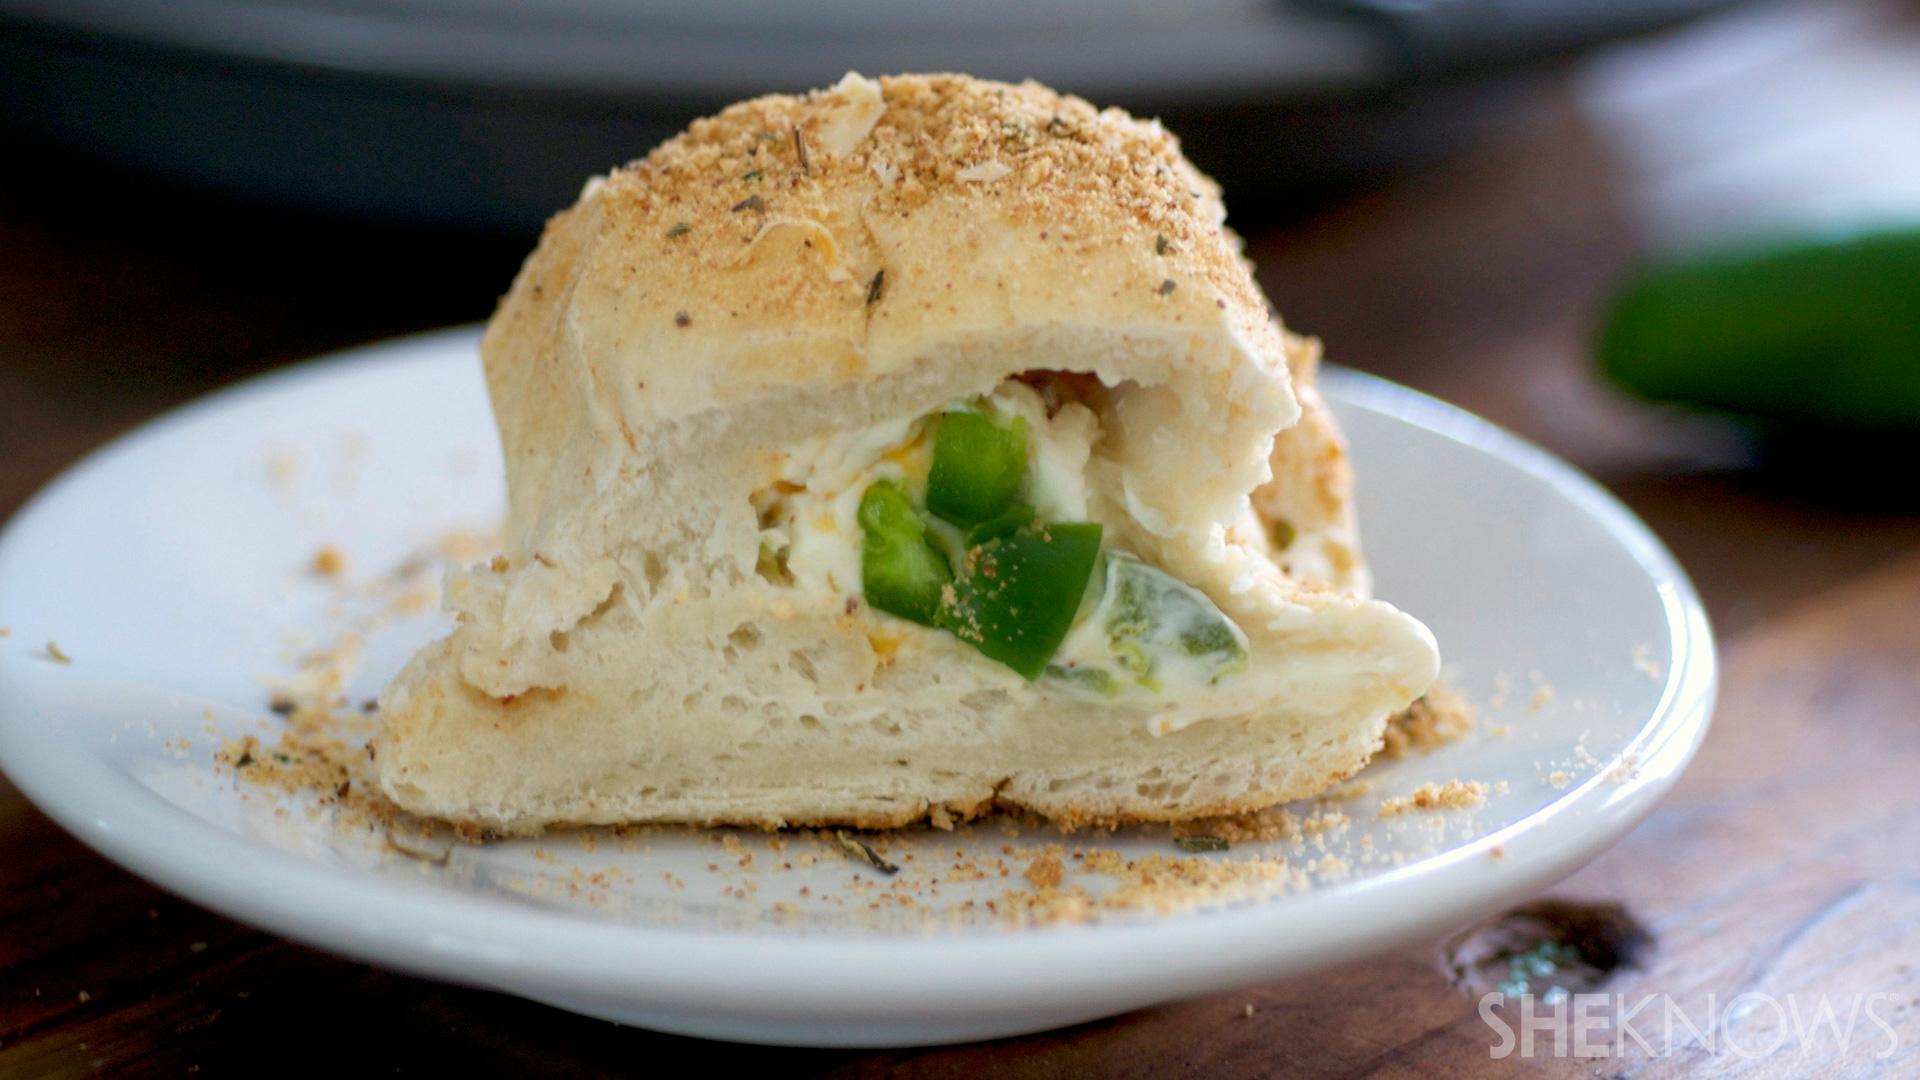 Jalapeño popper stuffed rolls